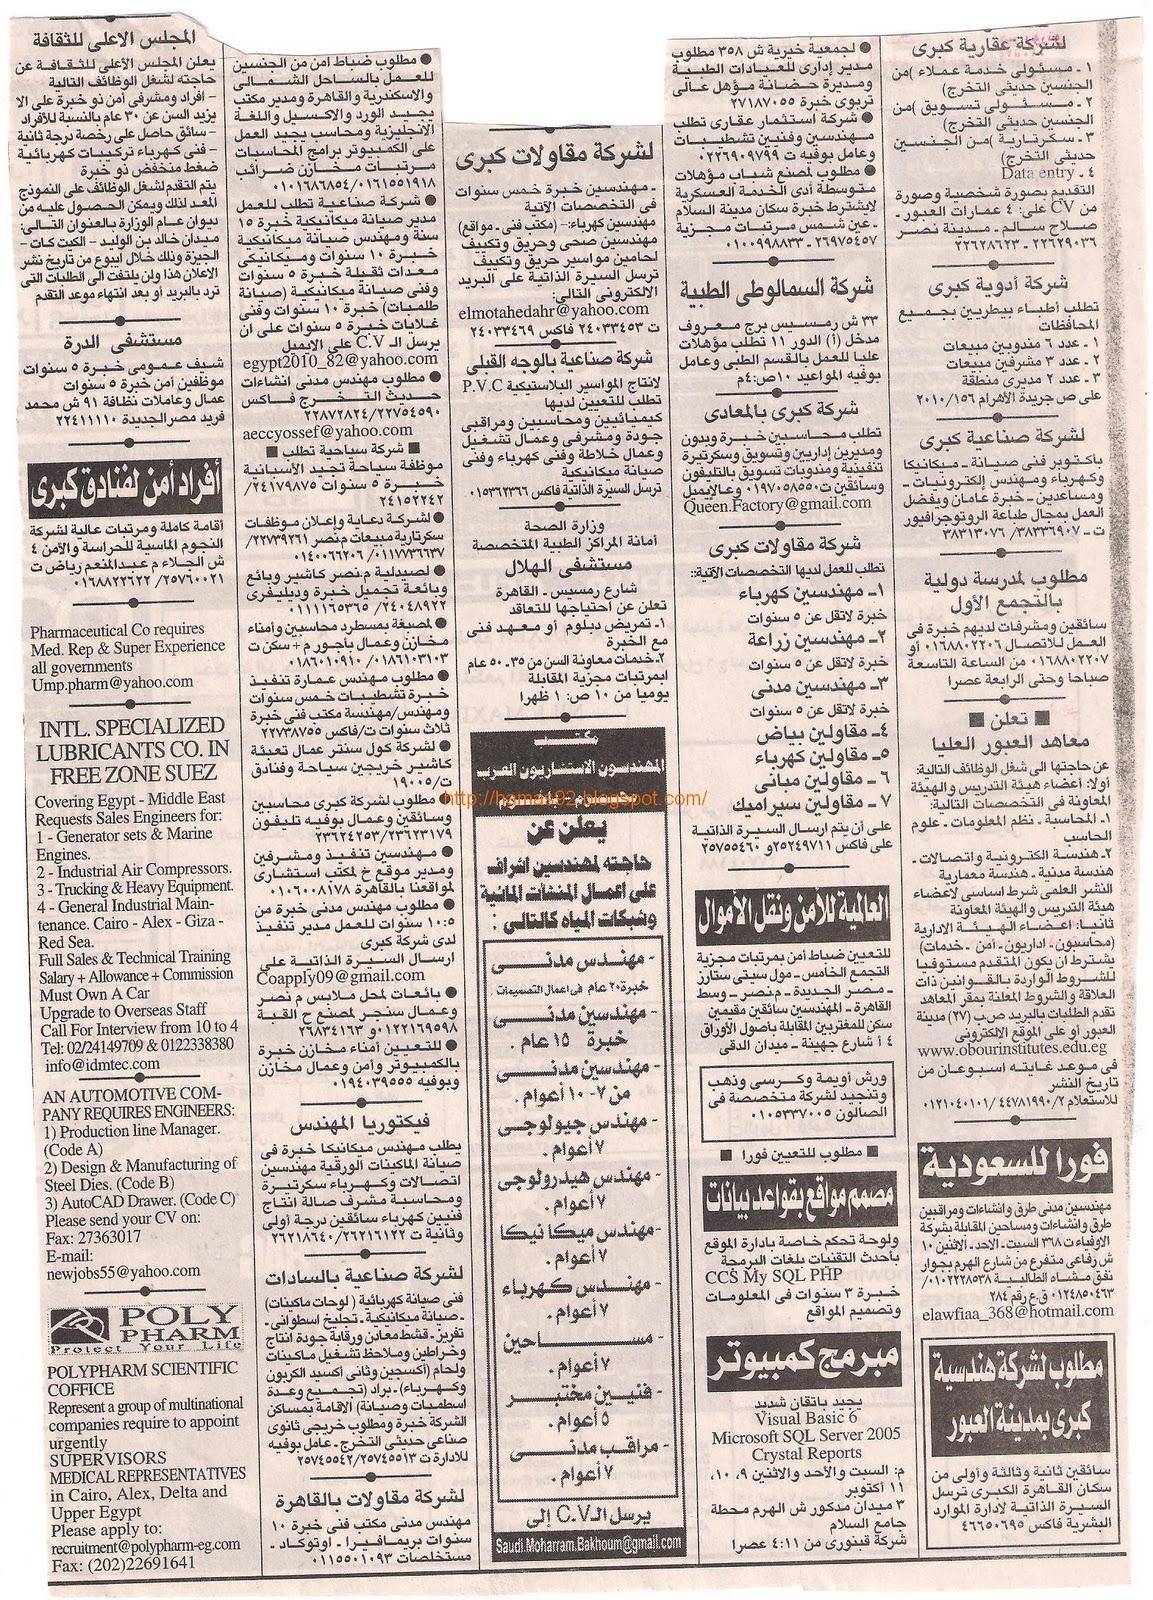 وظائف خاليه من اهرام الجمعه - 8اكتوبر 2010 - وظائف خاليه: http://hamas92.blogspot.com/2010/10/8-2010.html